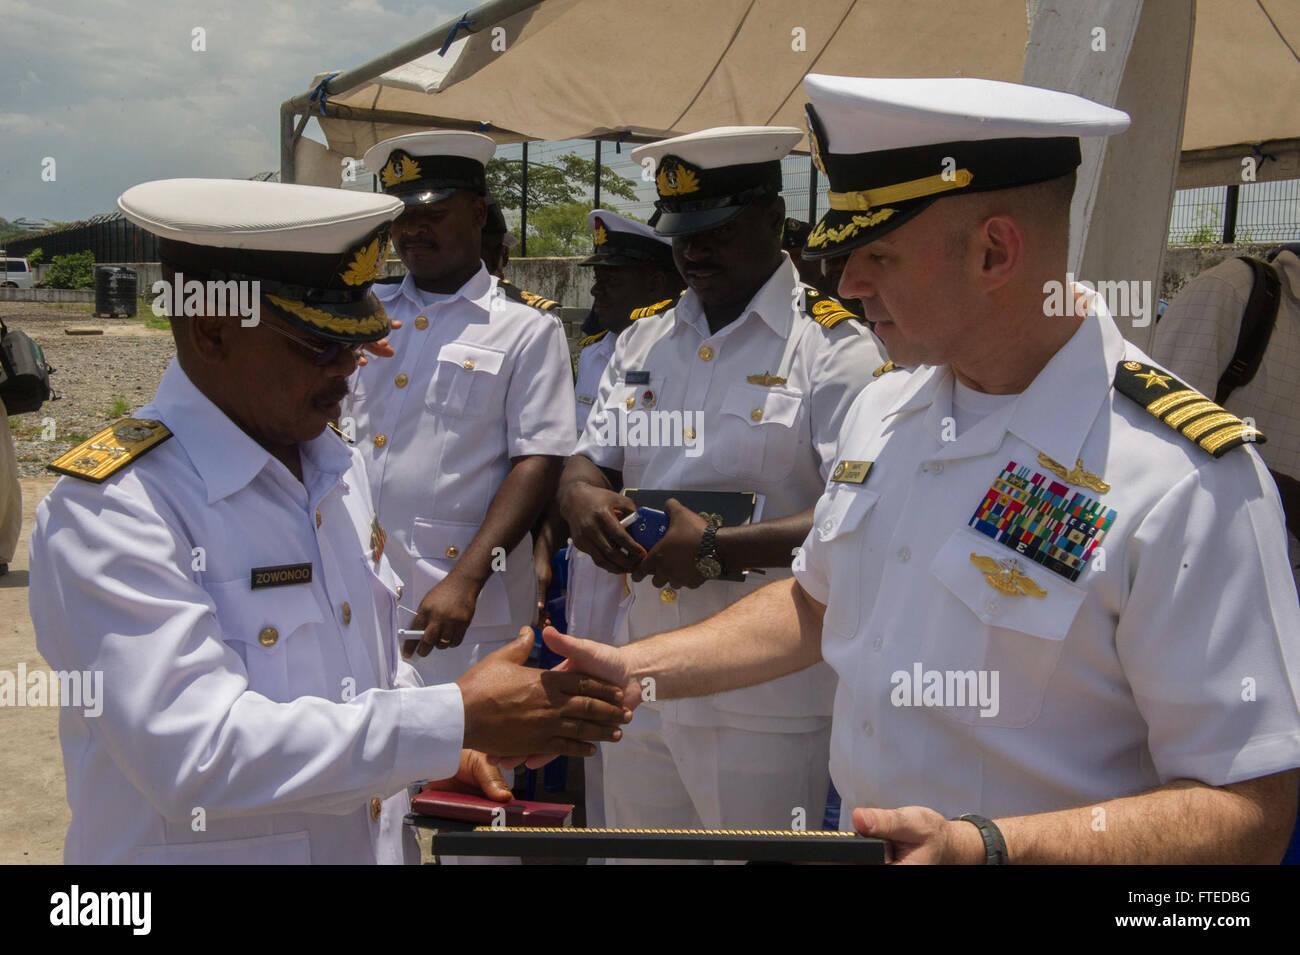 140411-N-ZY039-132 SEKONDI, Ghana (April 11, 2014) - U.S. Navy Capt. Marc Lederer, mission commander aboard joint, - Stock Image